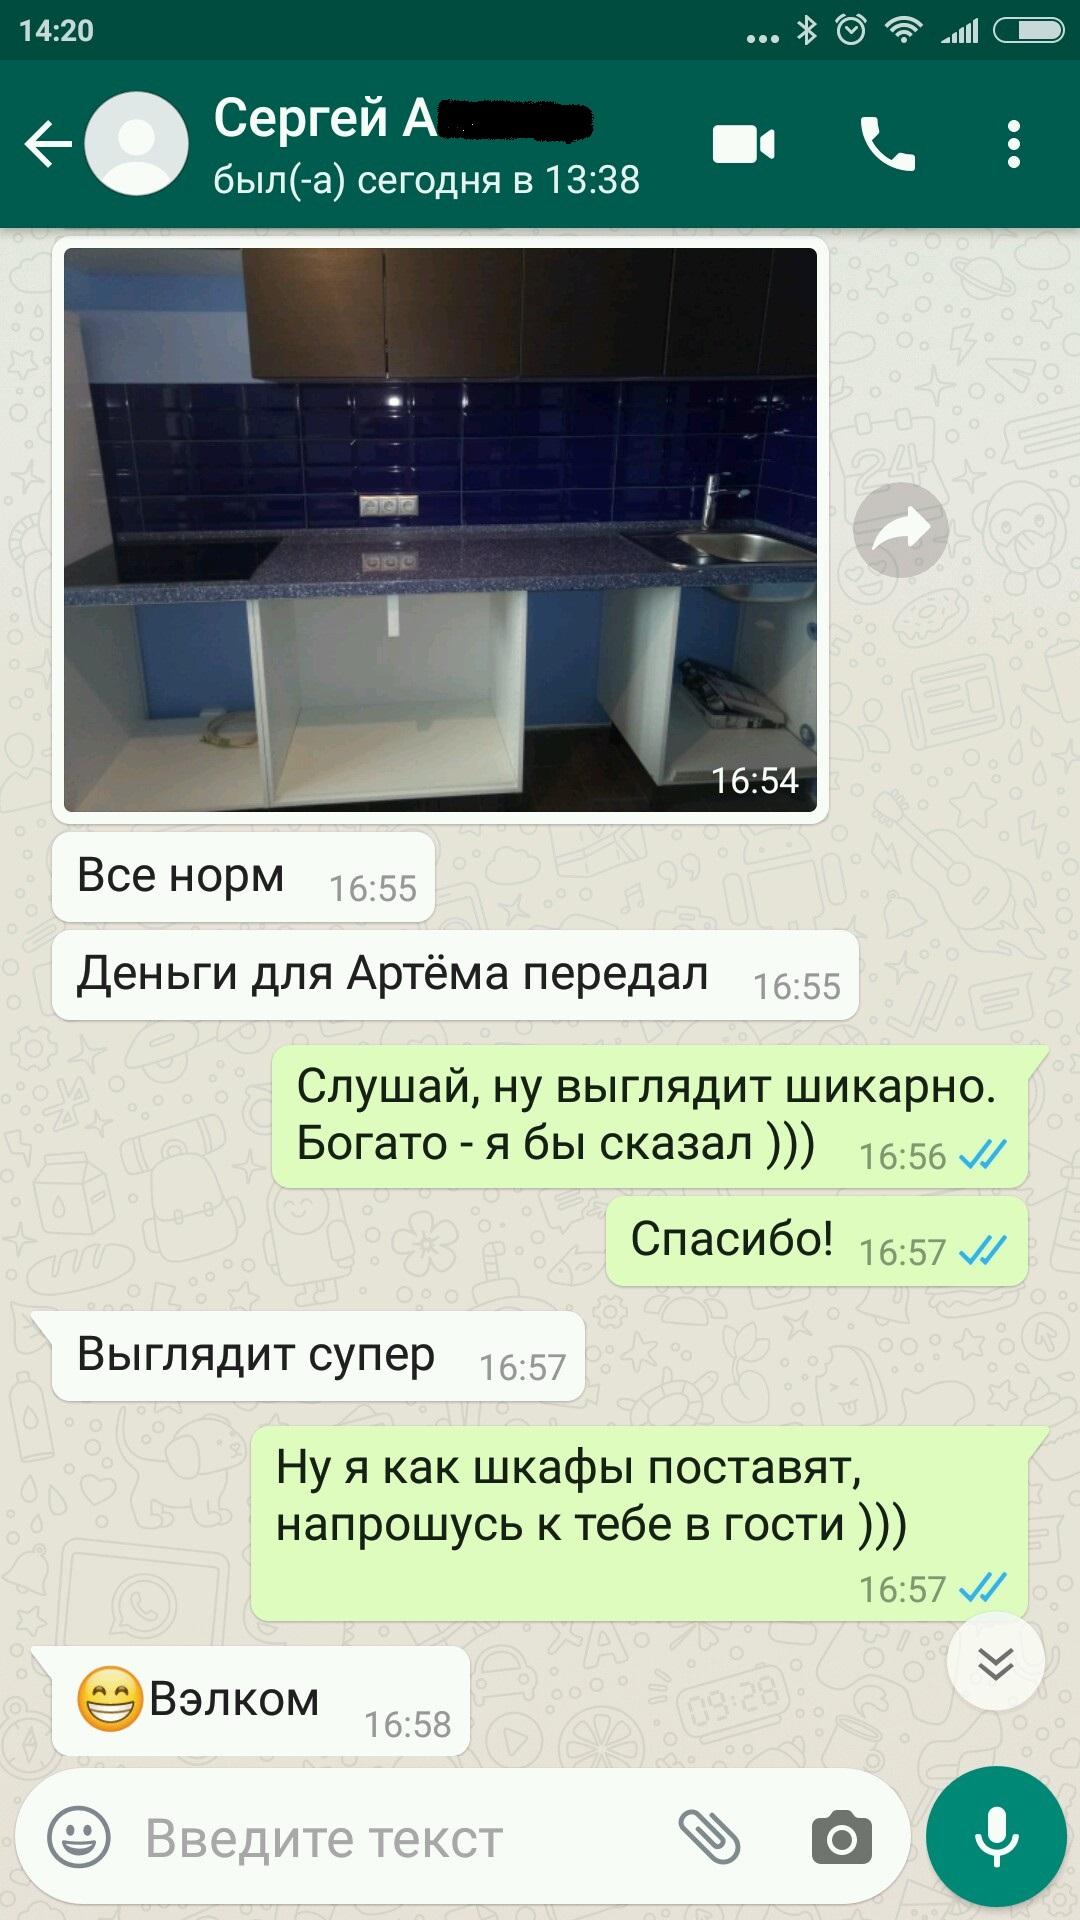 otzyv_sergei_kamen1